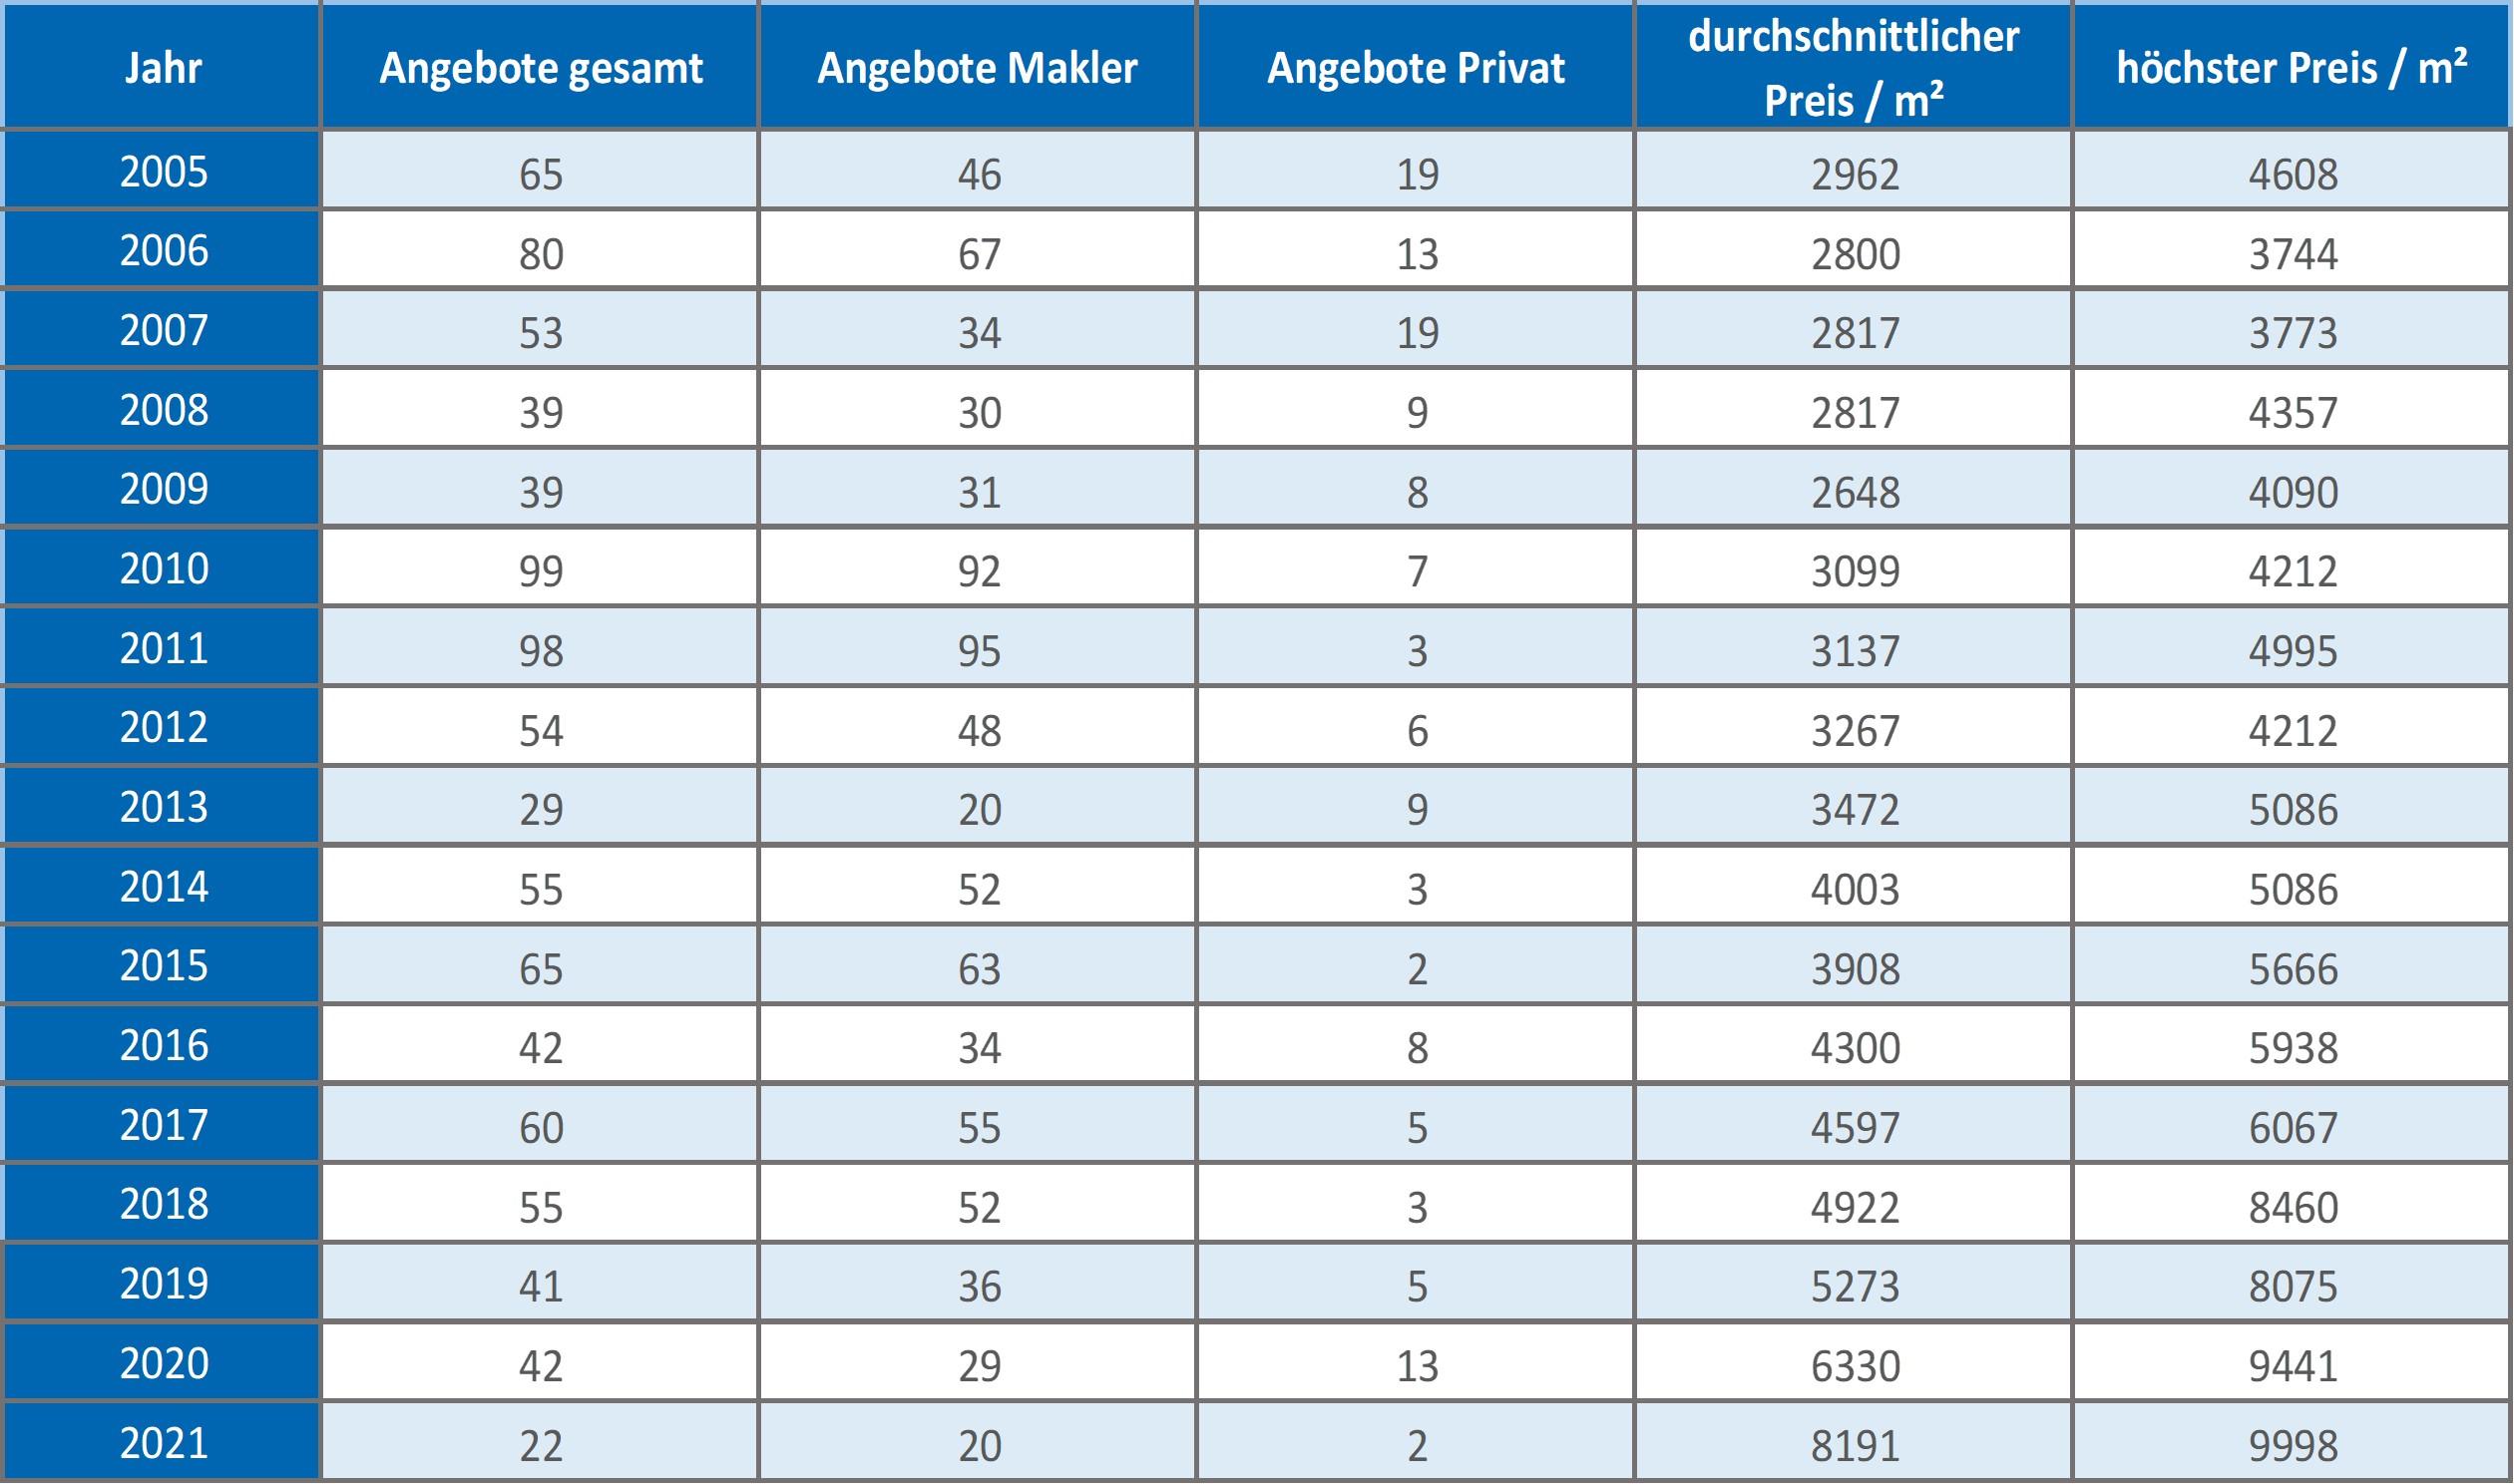 Aschheim-Wohnung-kaufen-verkaufen-Makler 2019, 2020, 2021